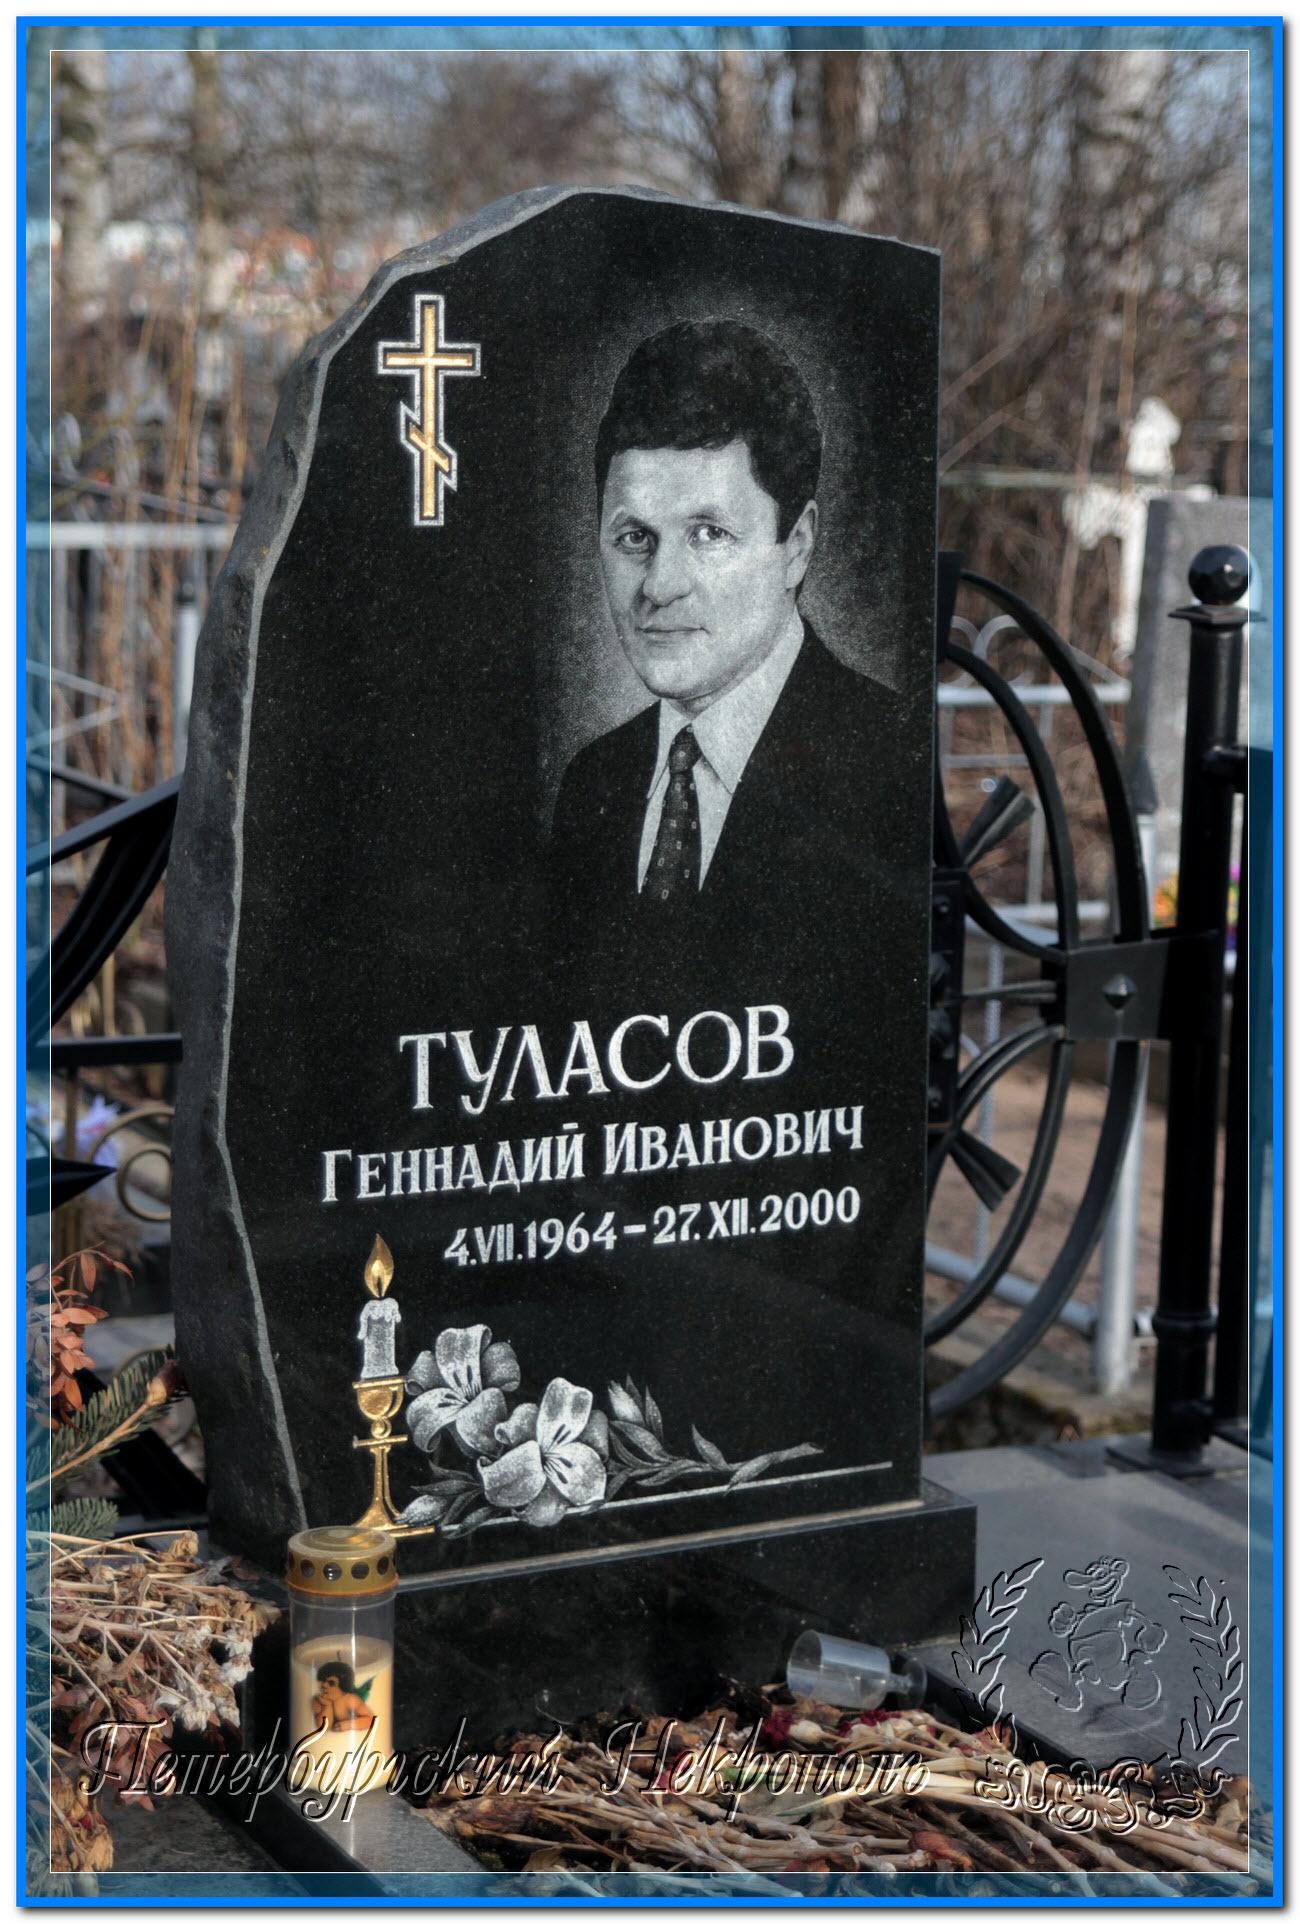 © Туласов Геннадий Иванович